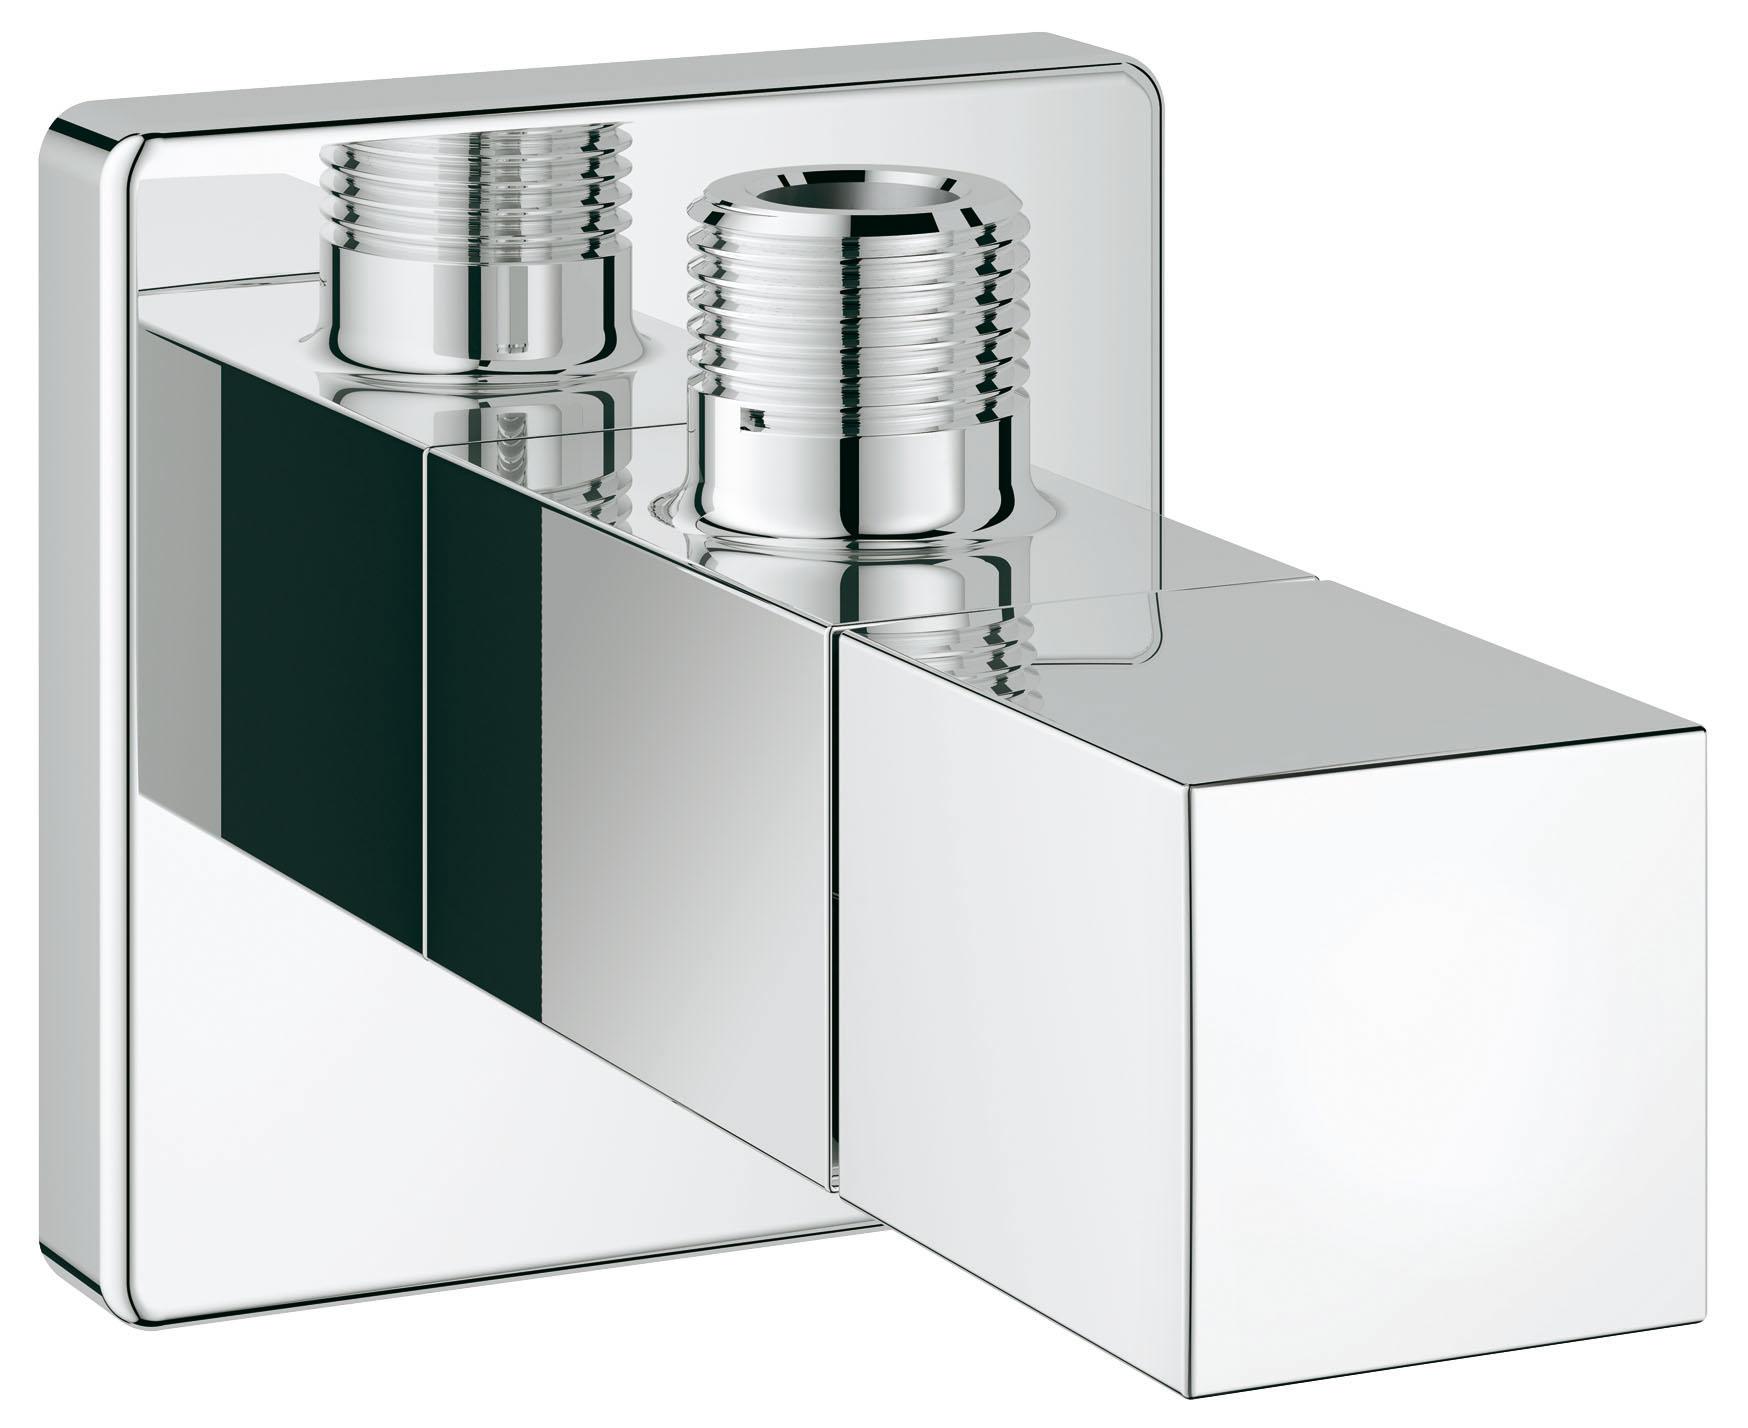 Угловой вентиль GROHE Cube для подключения смесителей 3/8